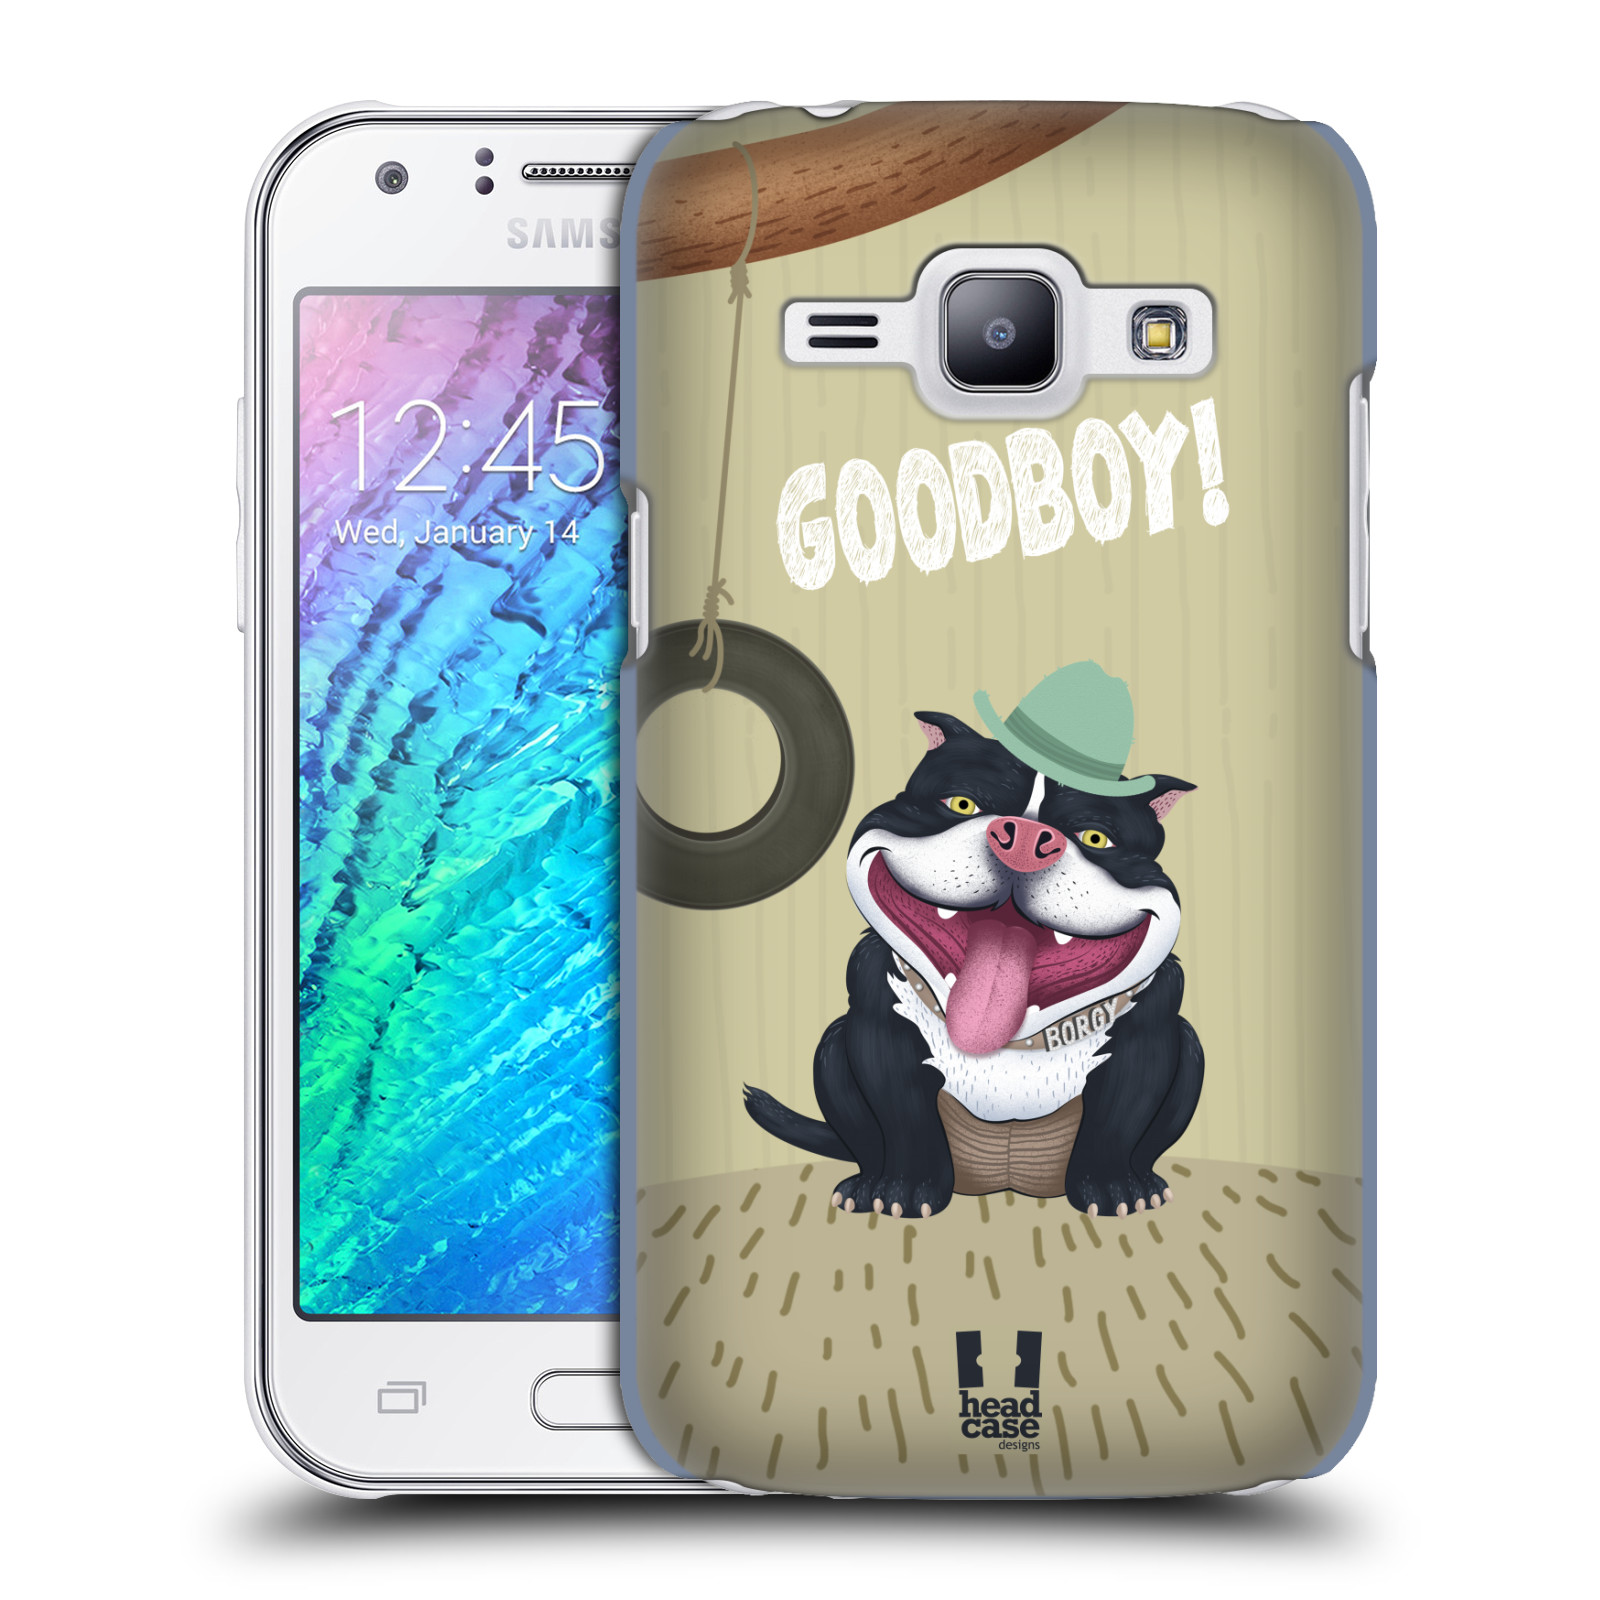 Plastové pouzdro na mobil Samsung Galaxy J1 HEAD CASE Goodboy! Pejsek (Kryt či obal na mobilní telefon Samsung Galaxy J1 a J1 Duos )